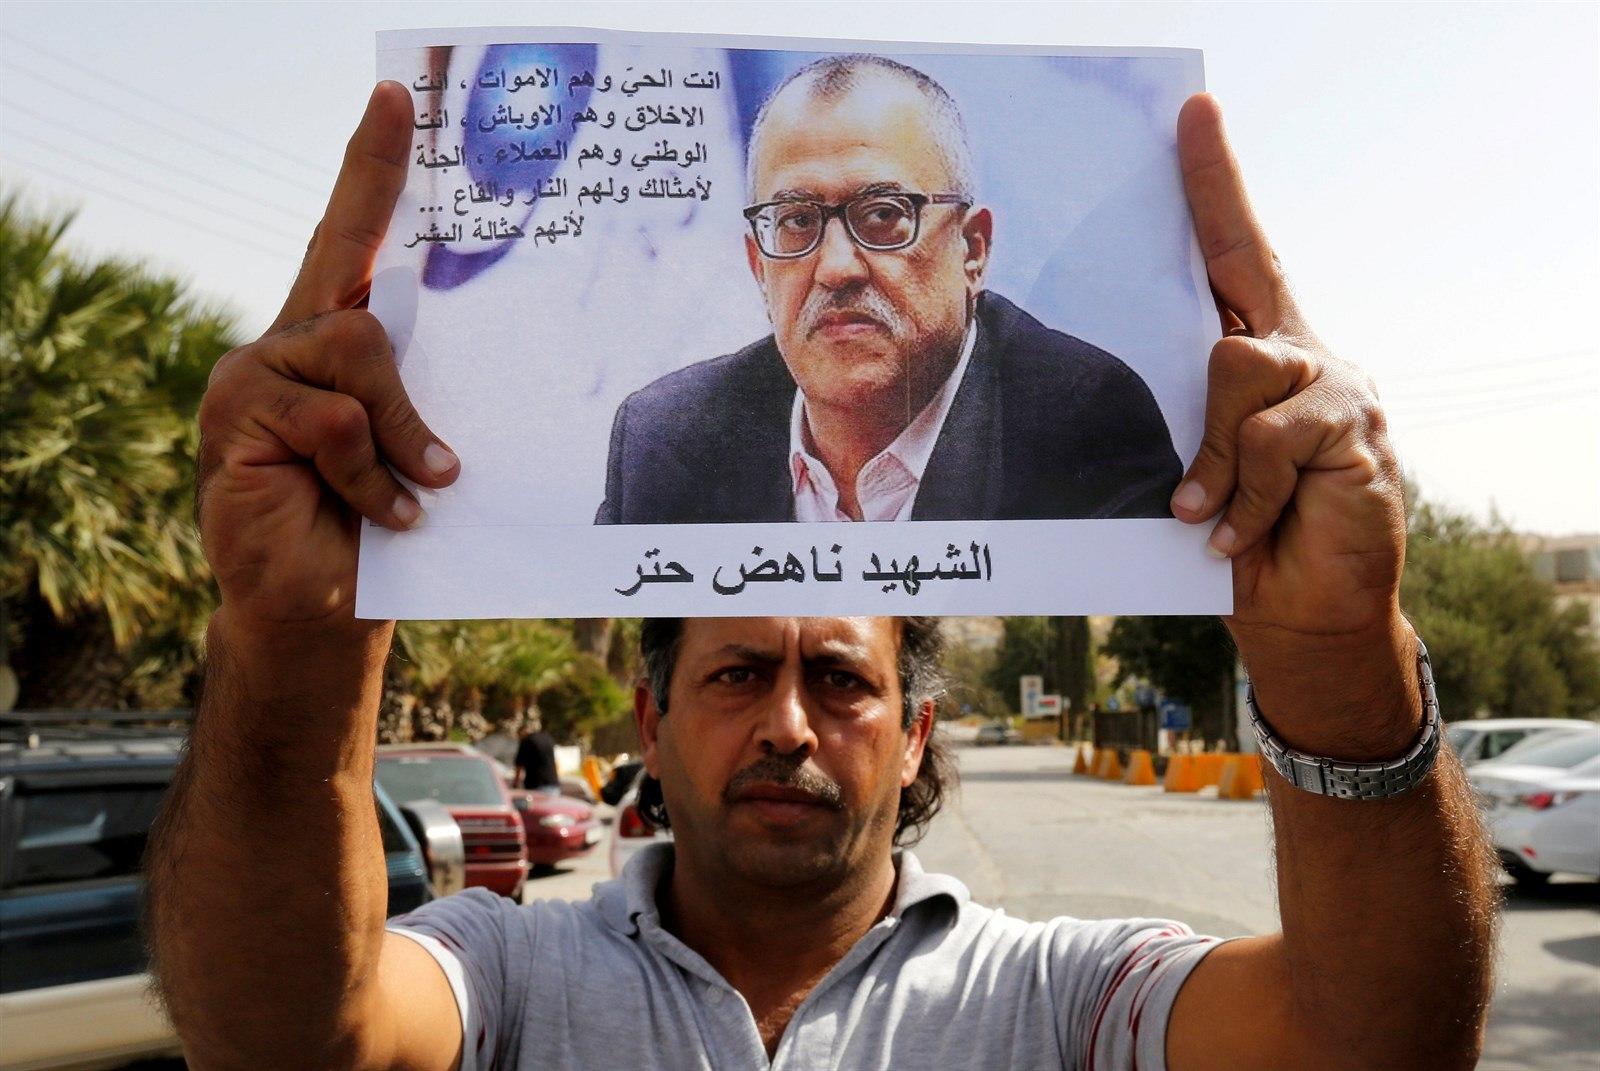 V Jordánsku byl zavražděn spisovatel, kterého soudili za urážku islámu (iDNES.cz)